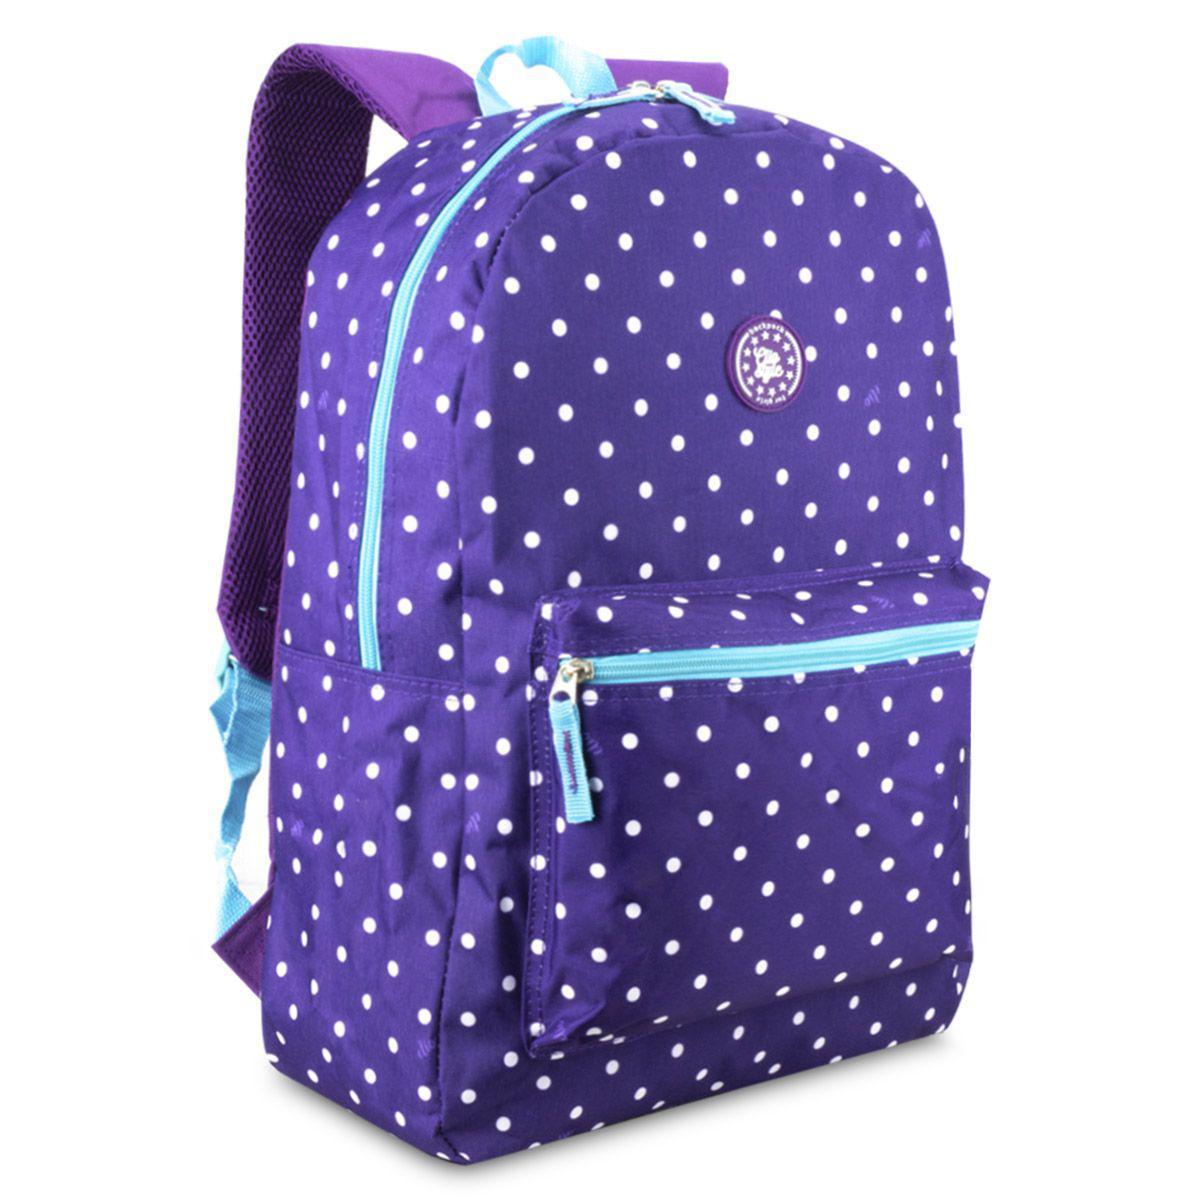 69d09c194 Mochila Bolsa Escolar Feminina Clio Style MF8112 R$ 59,99 à vista.  Adicionar à sacola